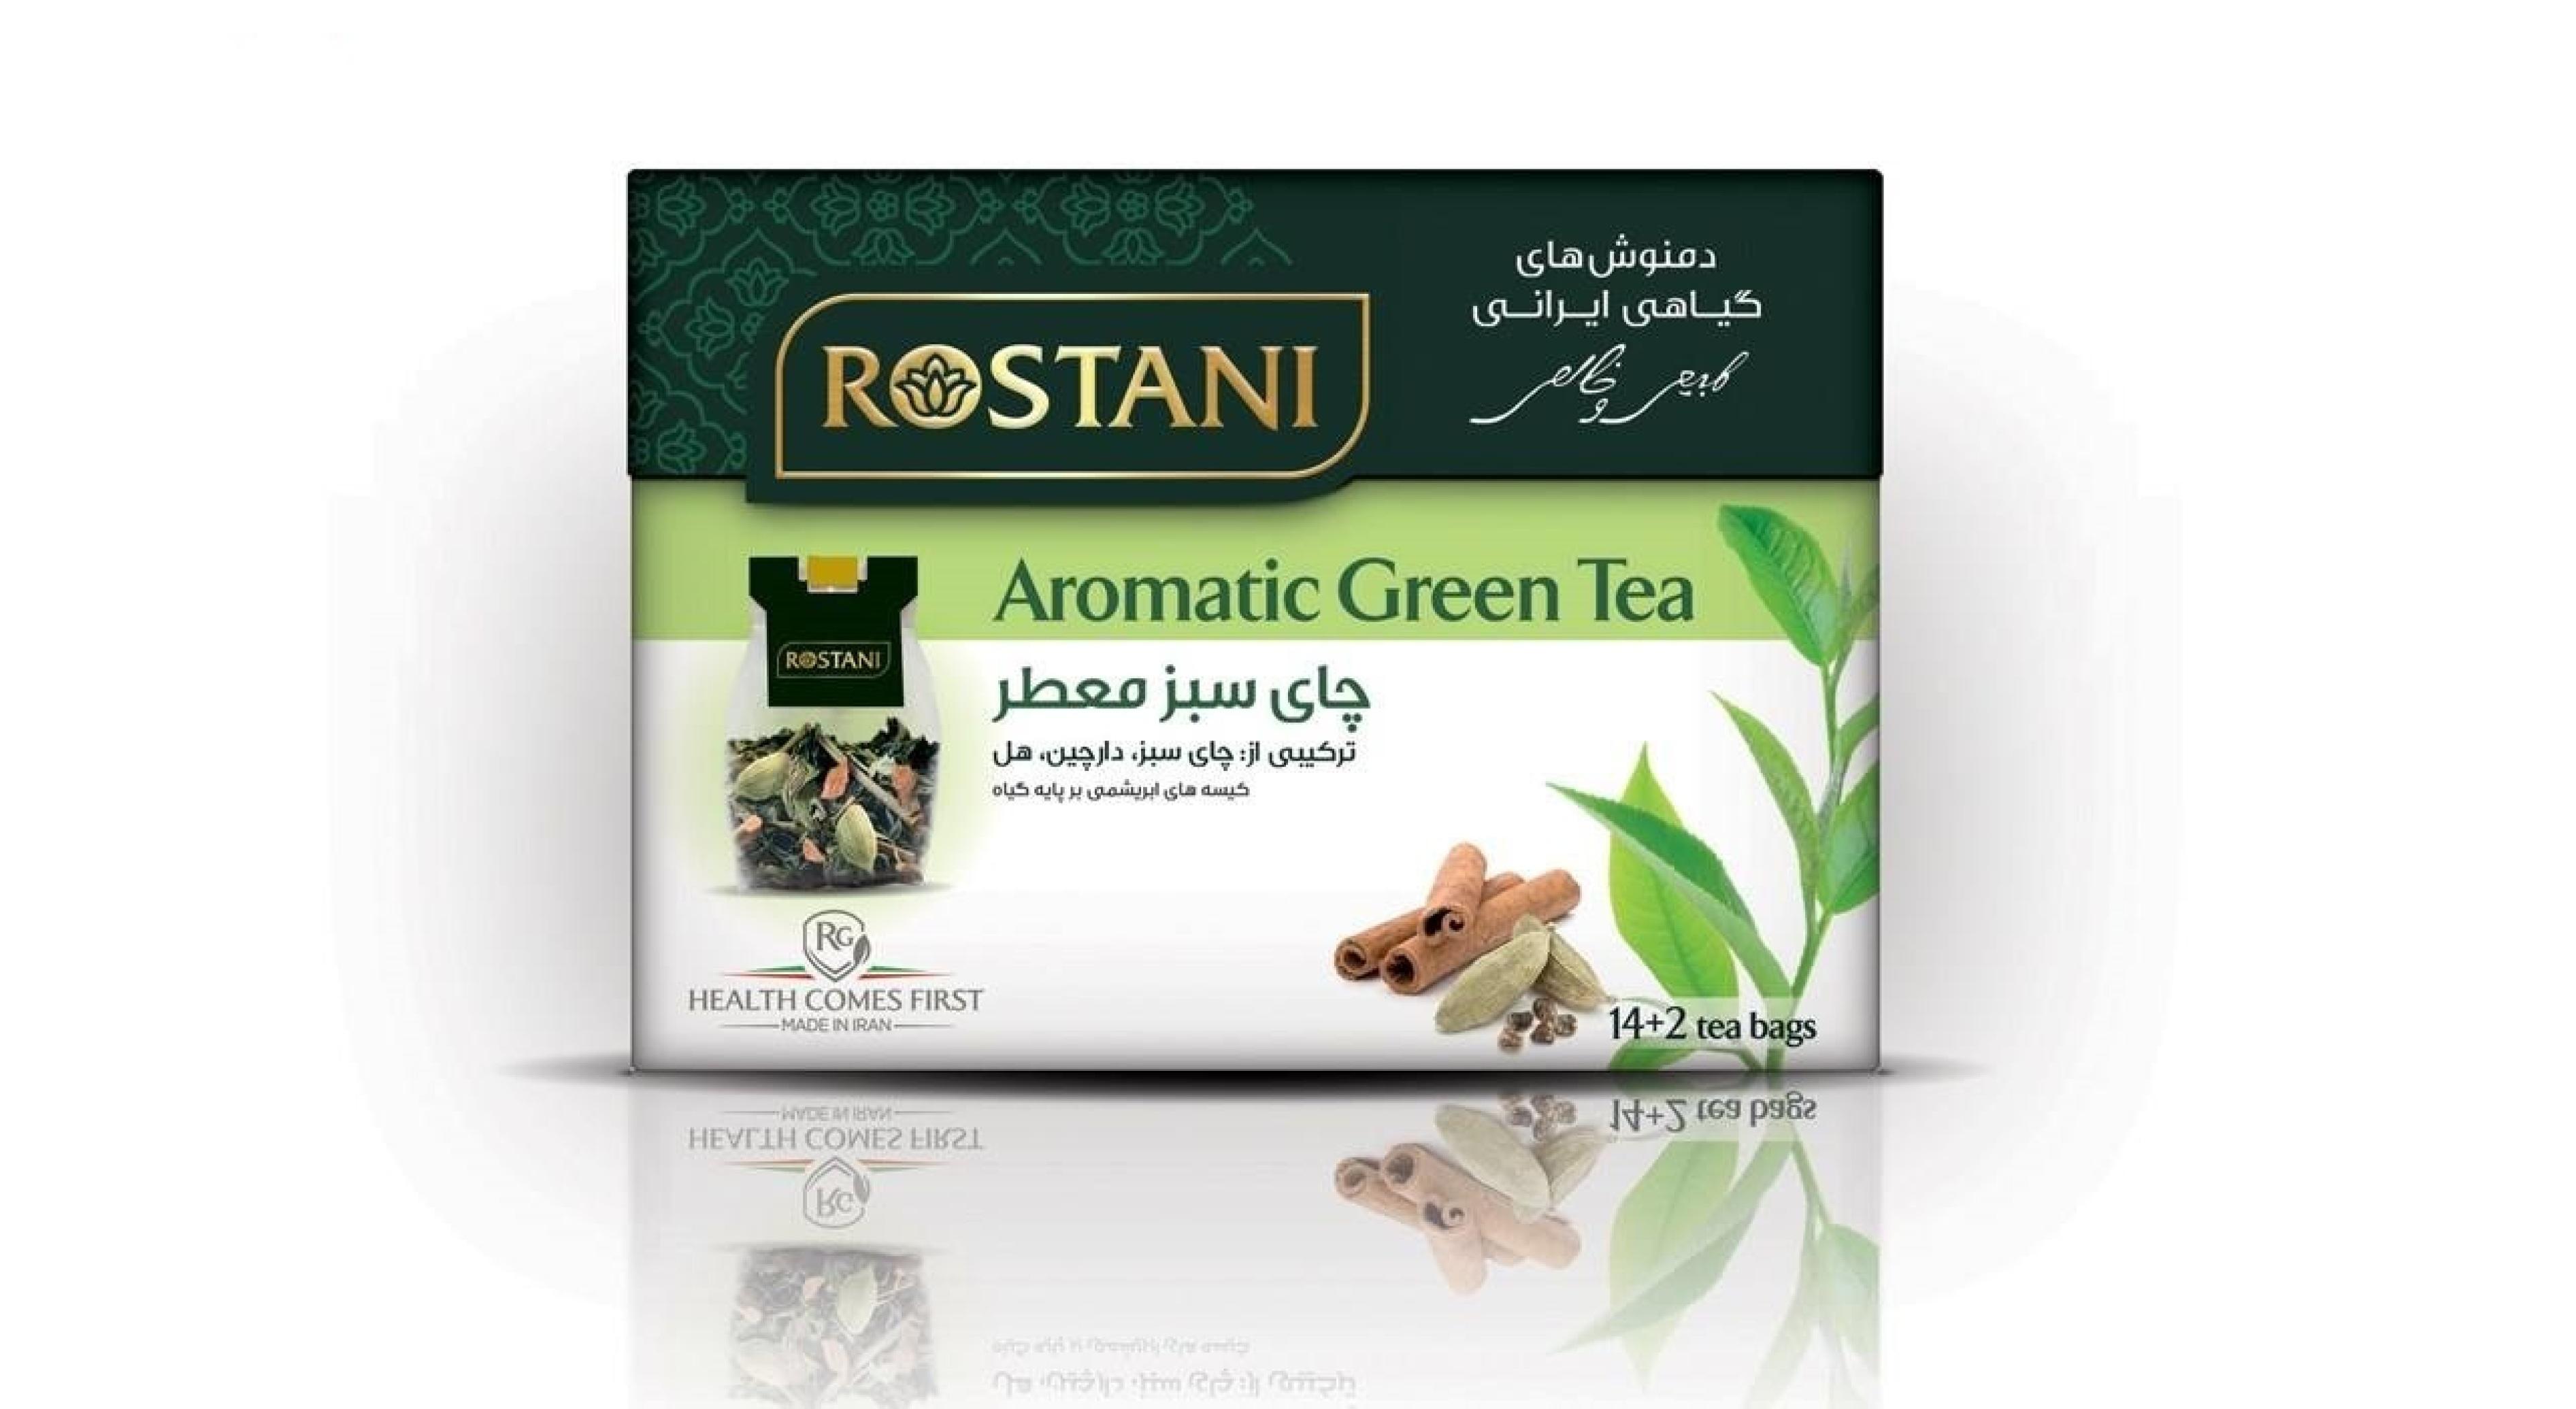 خرید آنلاین دمنوش چای سبز معطر رستنی فروشگاه اینترنتی وجیسنک محصولات و دمنوش های گیاهی رستنی